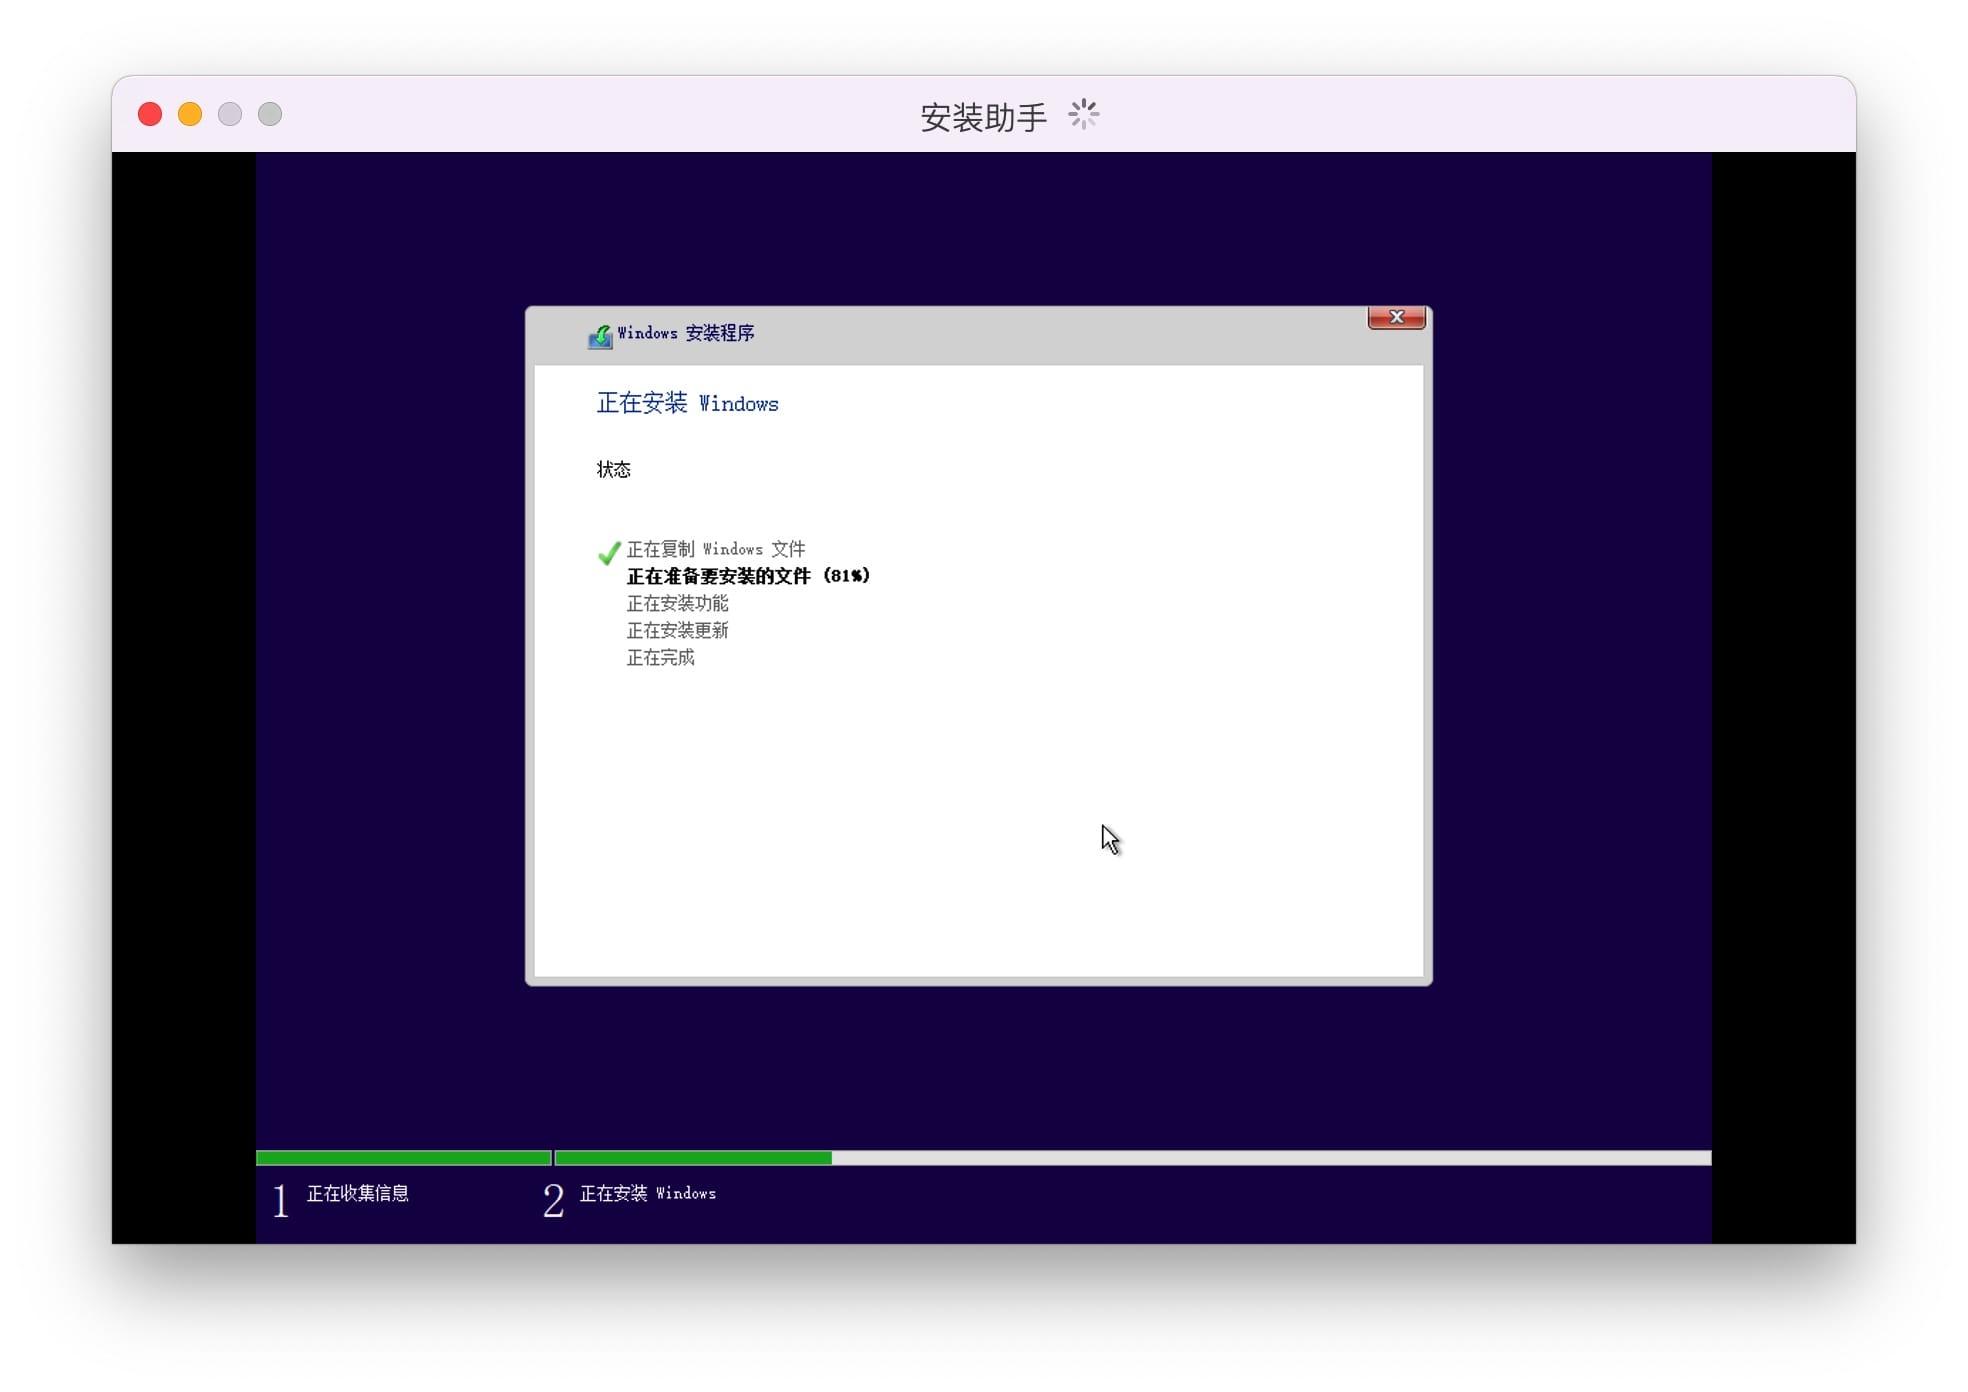 M1芯片的Mac上如何安装Windows系统 Mac教程 第11张